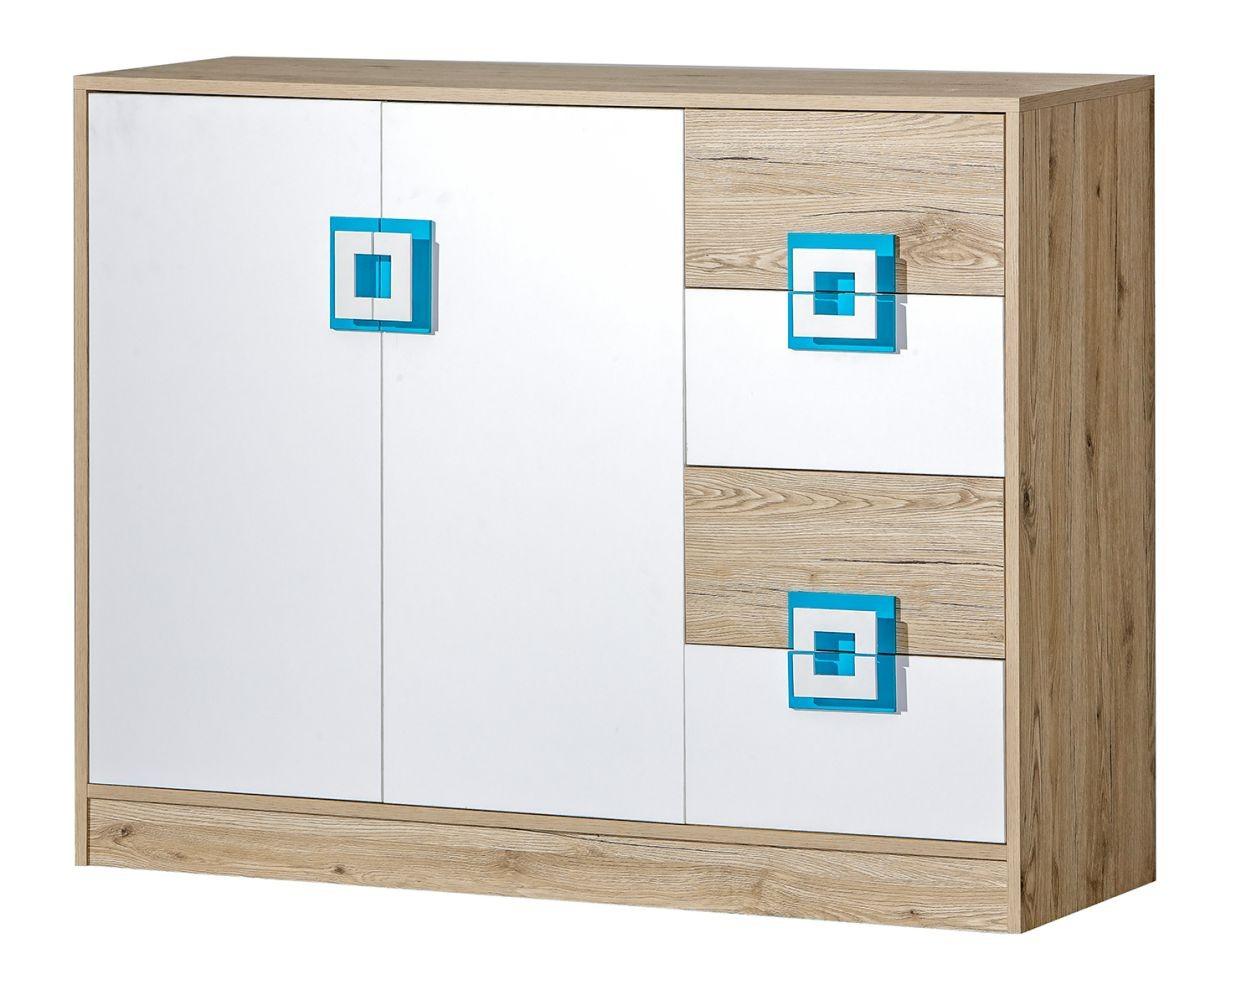 Full Size of Kommode Kinderzimmer Fabian 08 Schlafzimmer Kommoden Regal Sofa Wohnzimmer Bad Badezimmer Weiß Hochglanz Regale Kinderzimmer Kommode Kinderzimmer